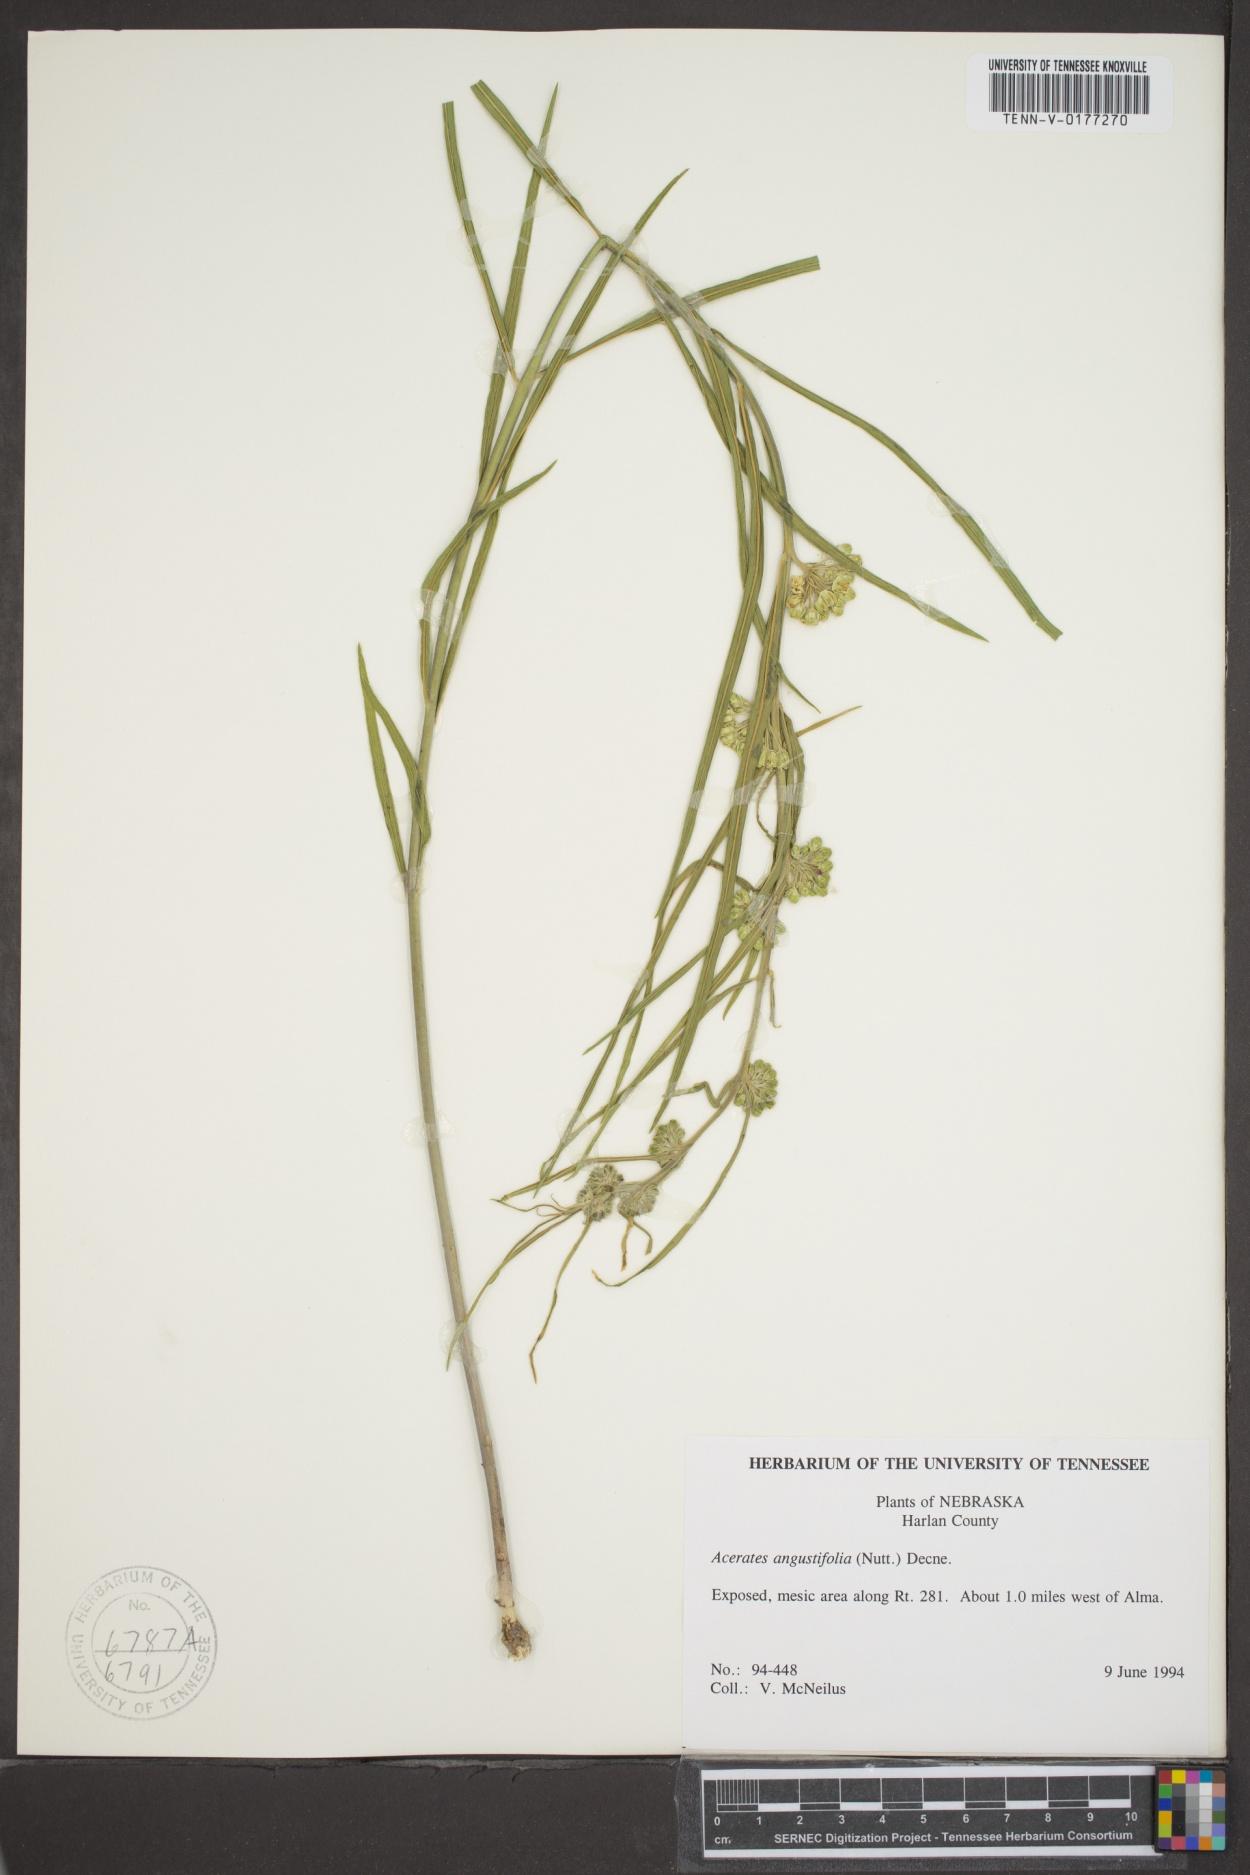 Acerates angustifolia image